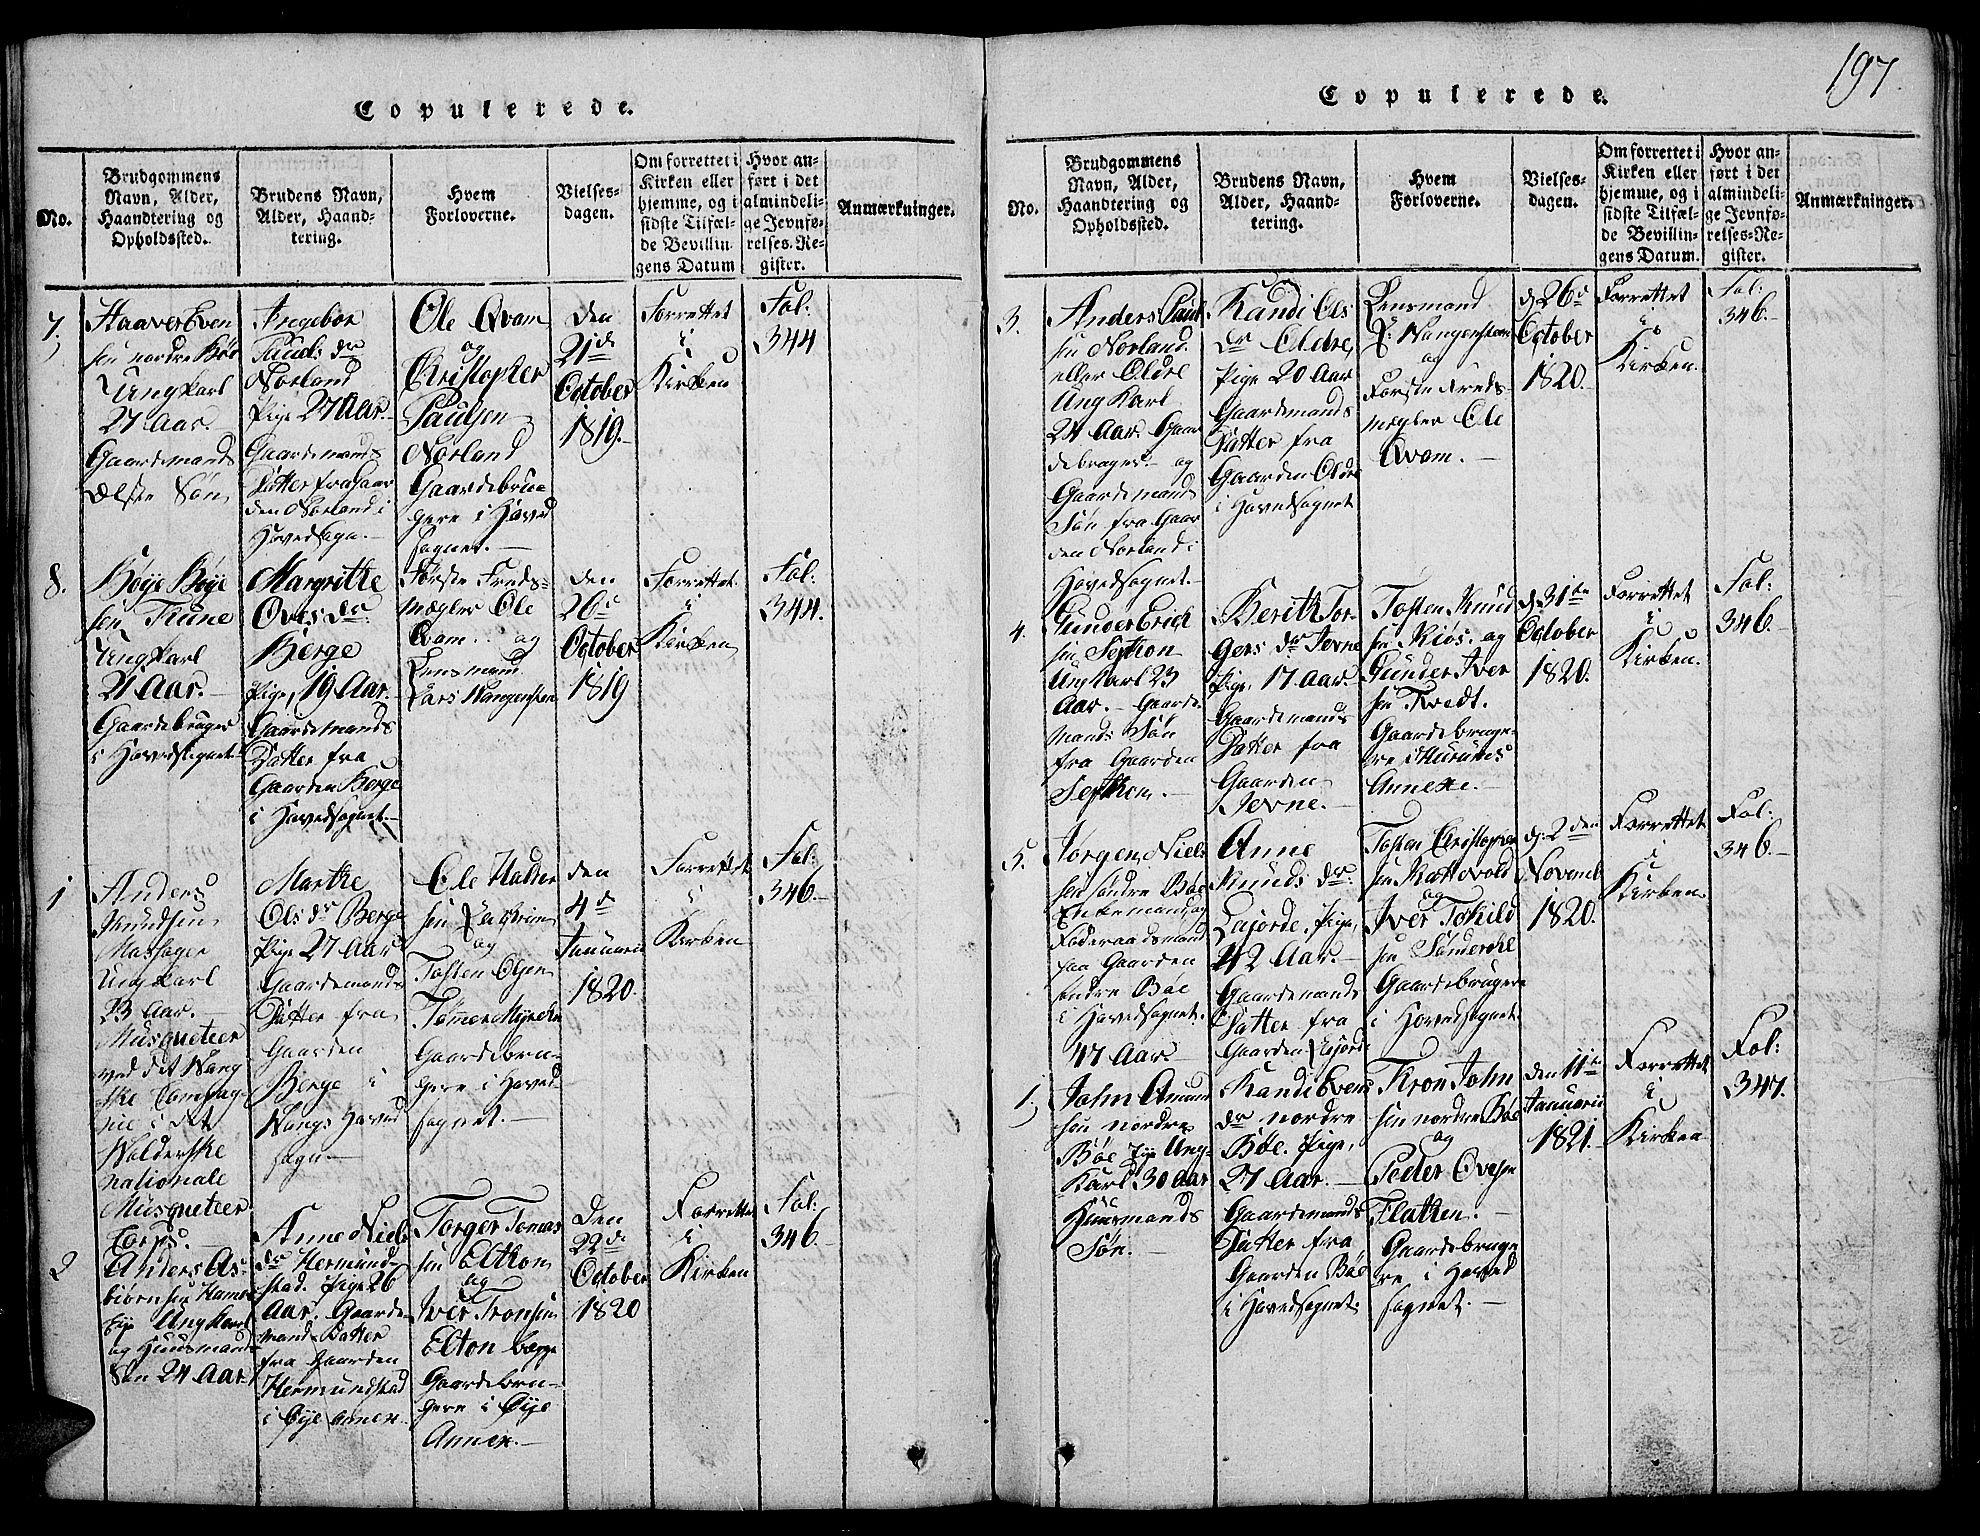 SAH, Vang prestekontor, Valdres, Klokkerbok nr. 2, 1814-1889, s. 197